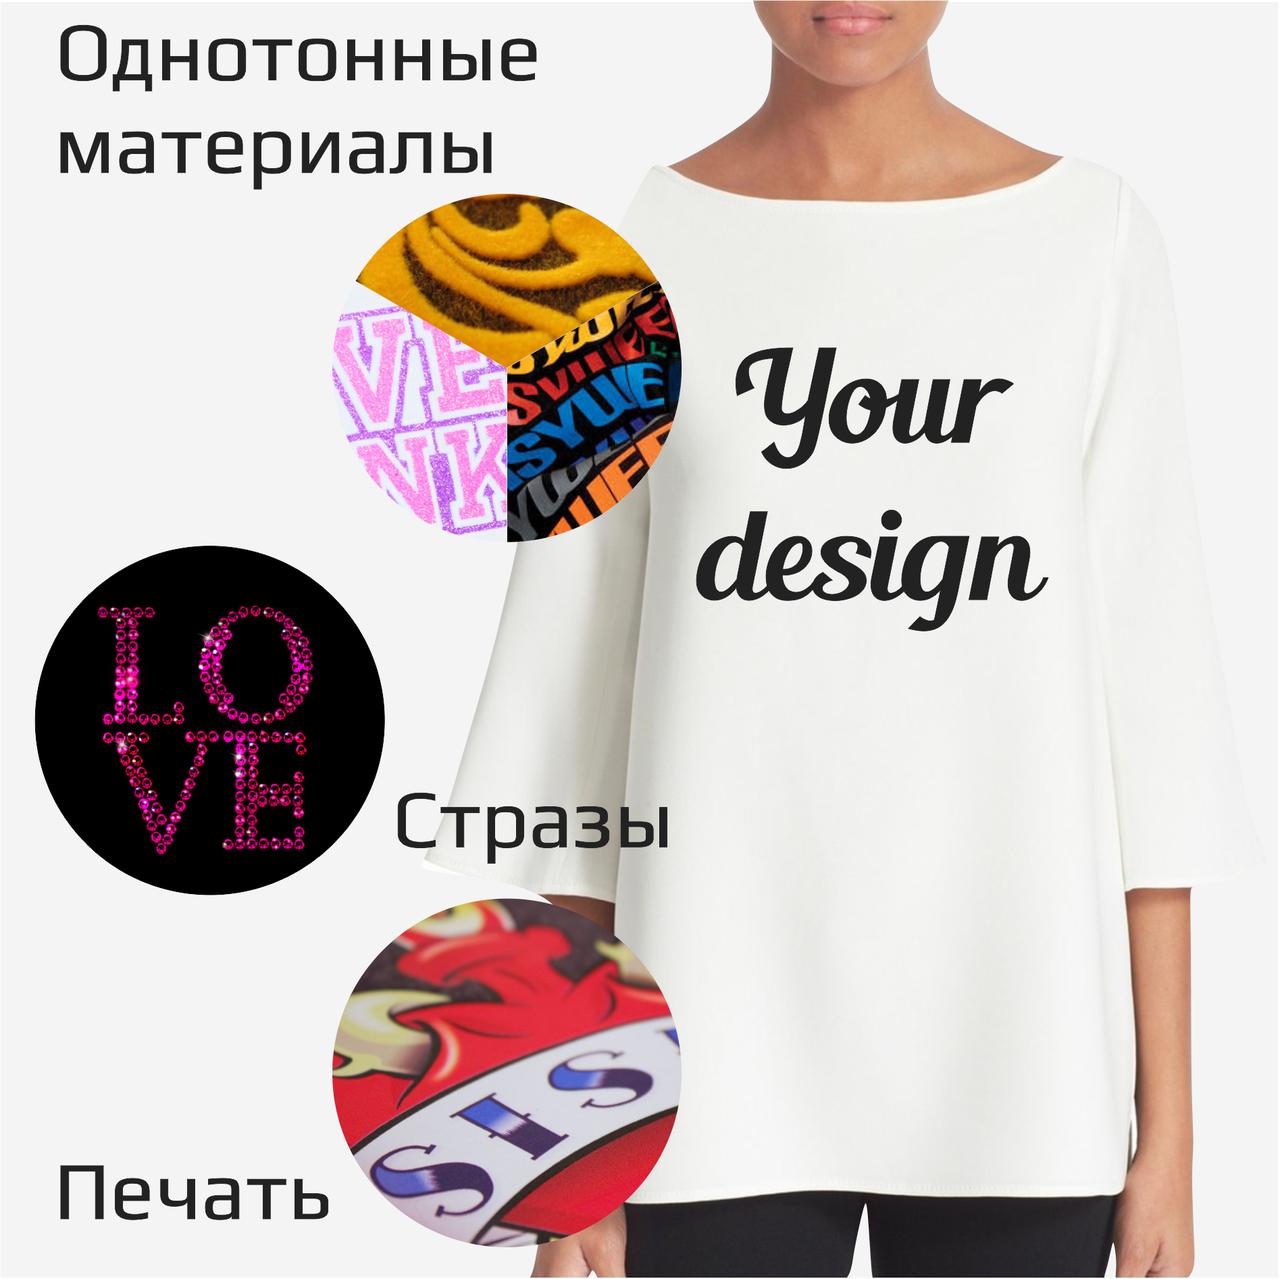 Индивидуальная разработка дизайнов/коллекций